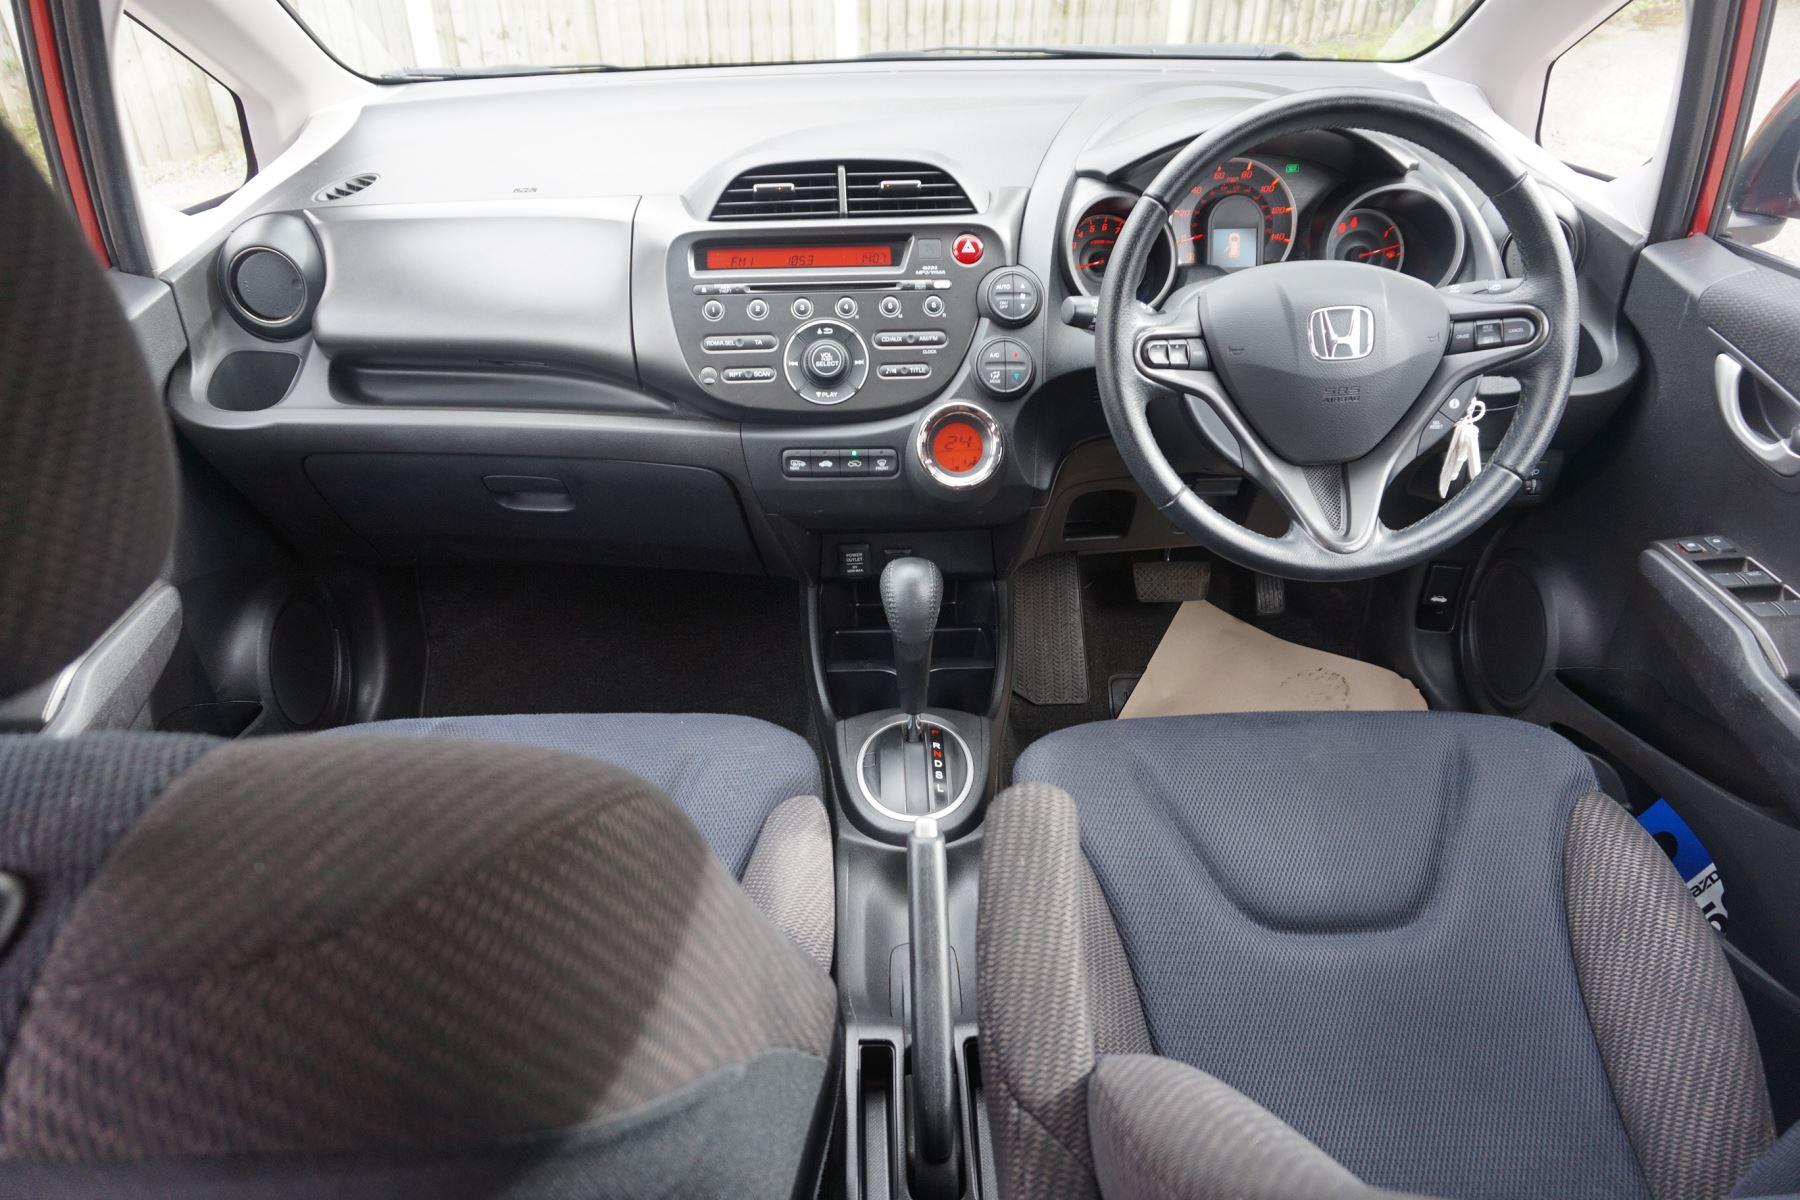 Honda Jazz 1.4 i-VTEC ES Plus CVT image 10